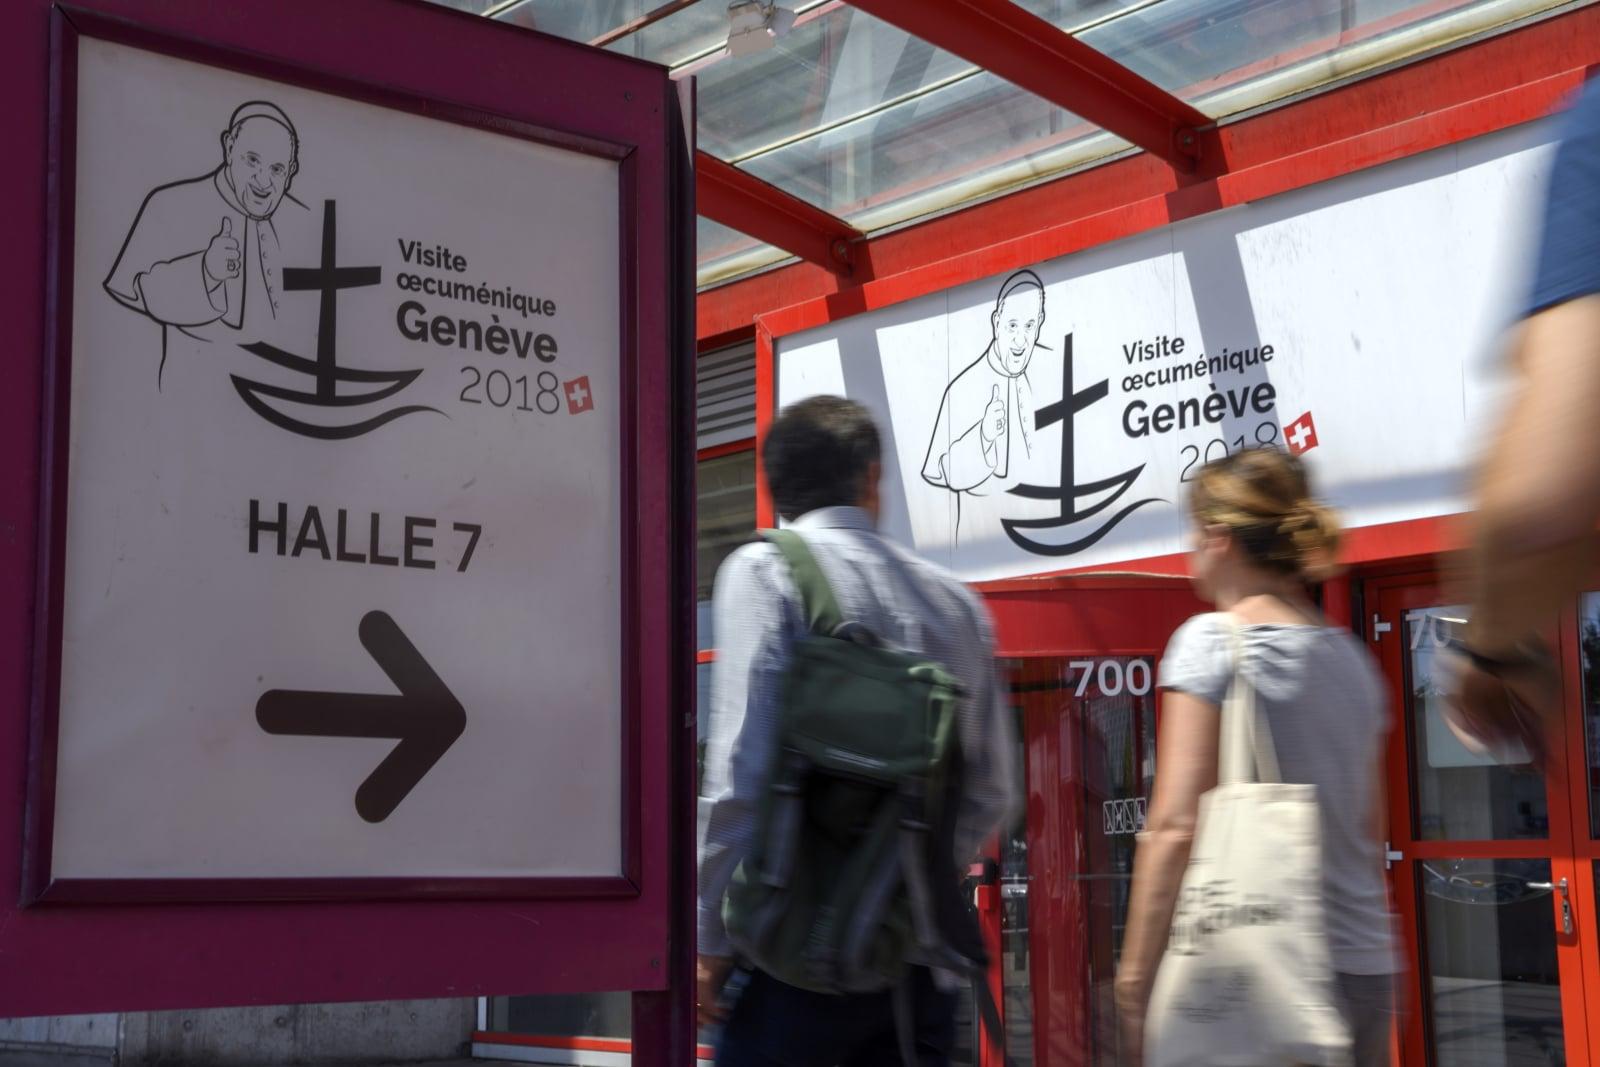 Szwajcaria w oczekiwaniu na papieża Franciszka  EPA/MARTIAL TREZZINI